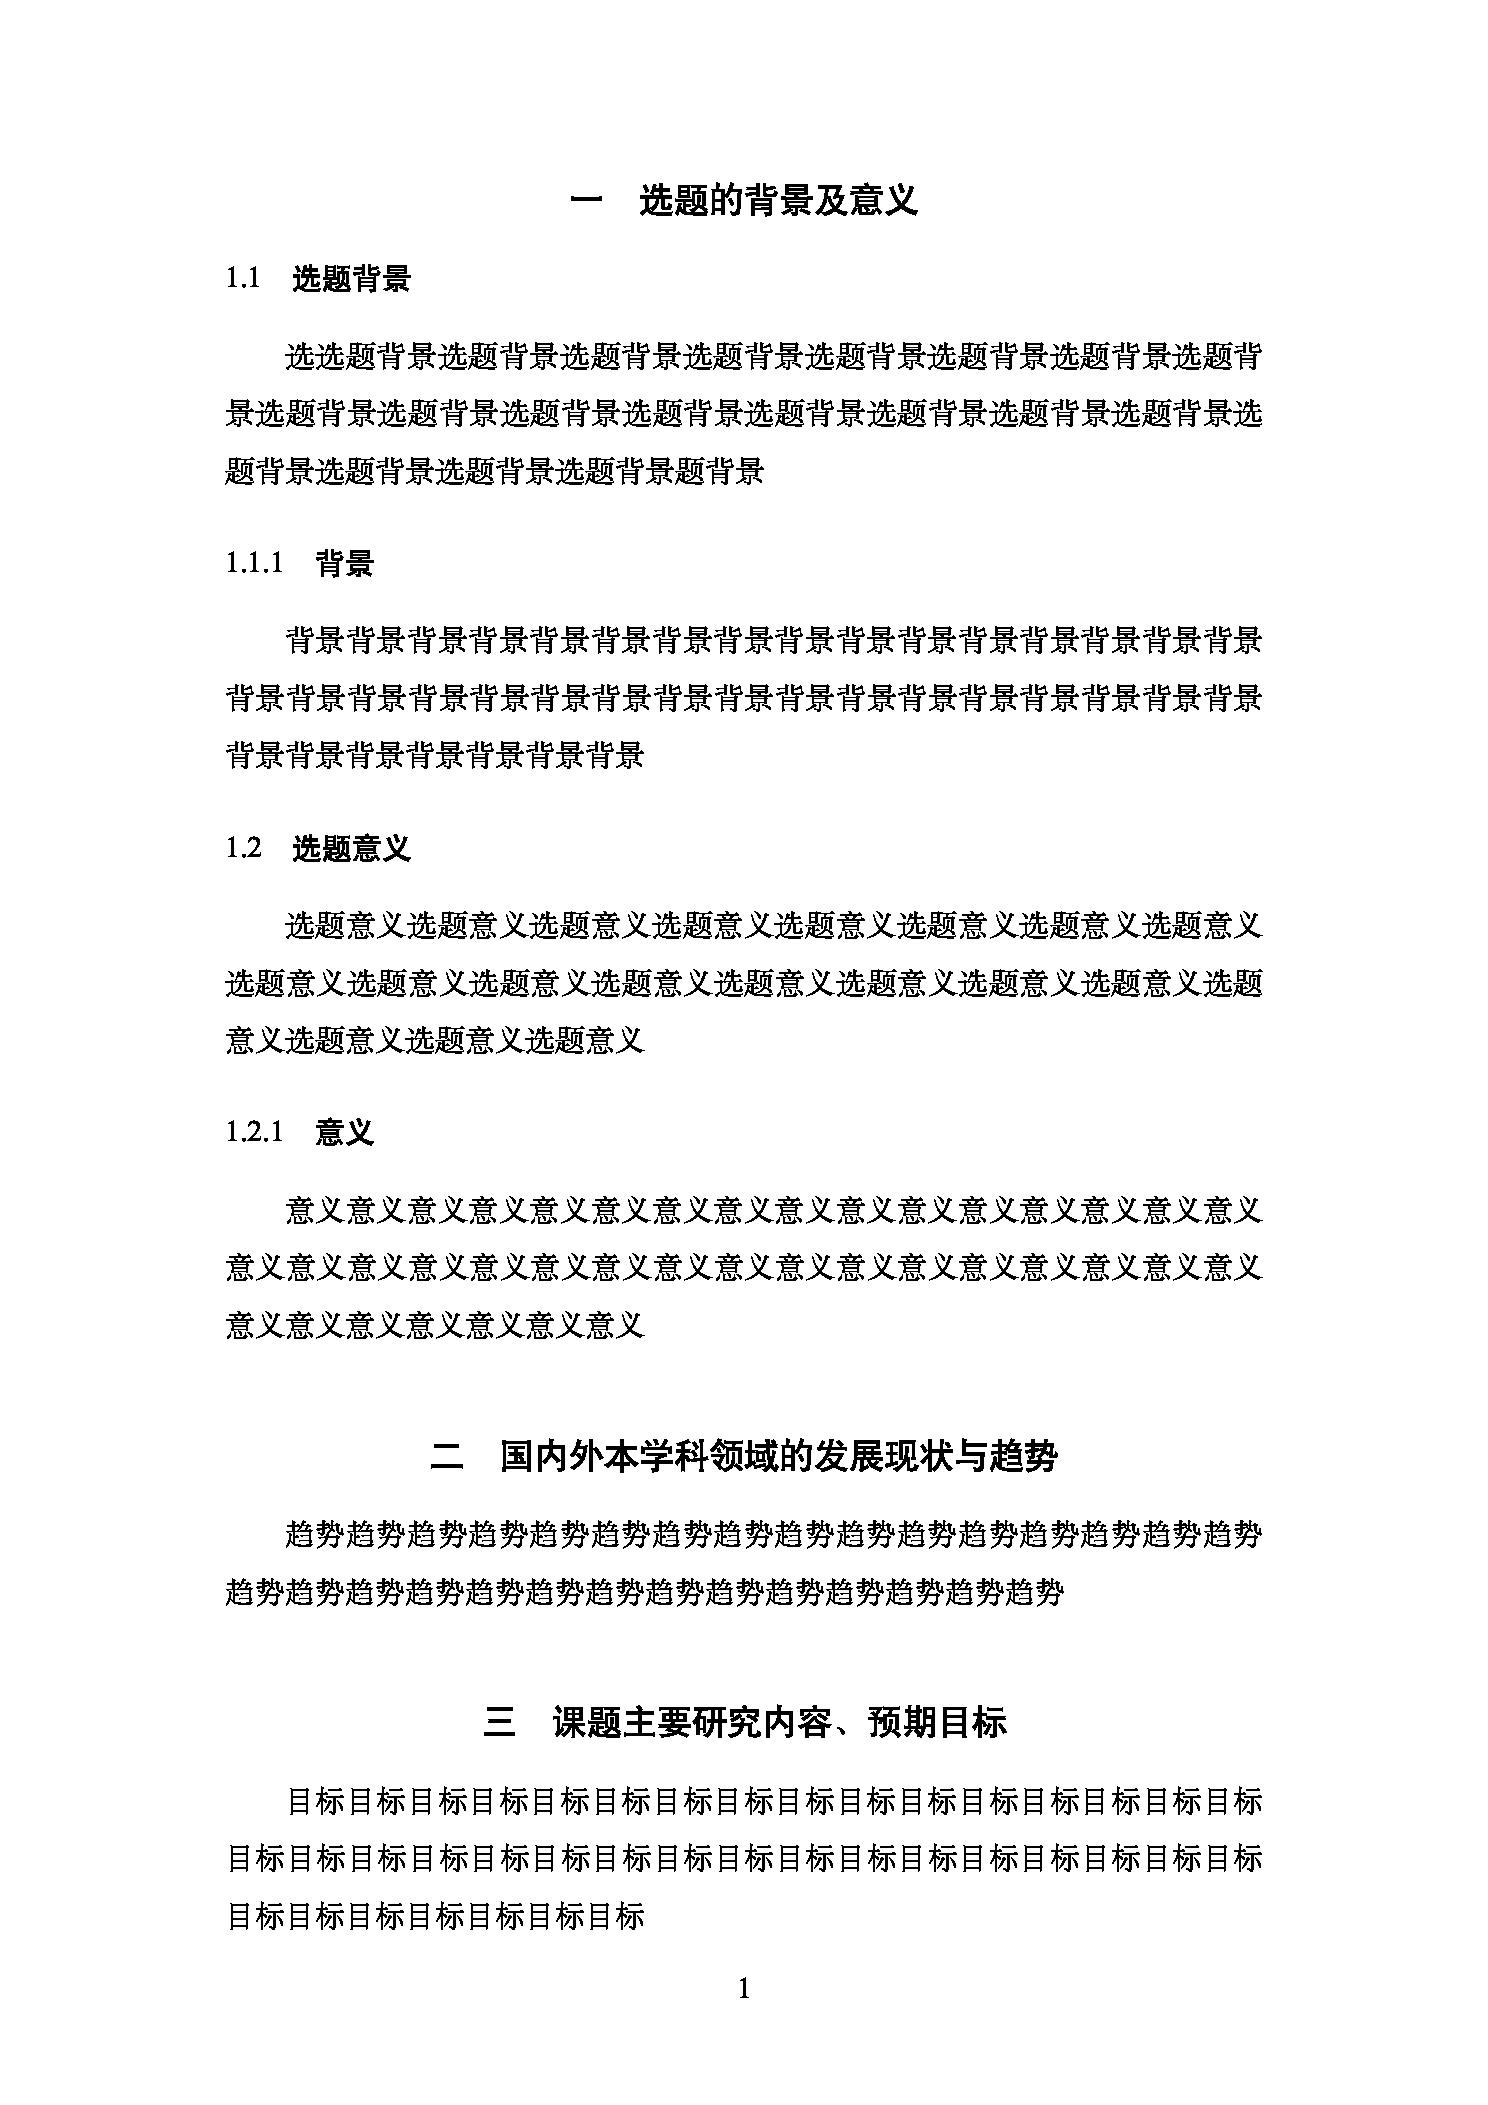 中国科学院大学开题报告 LaTeX 模板